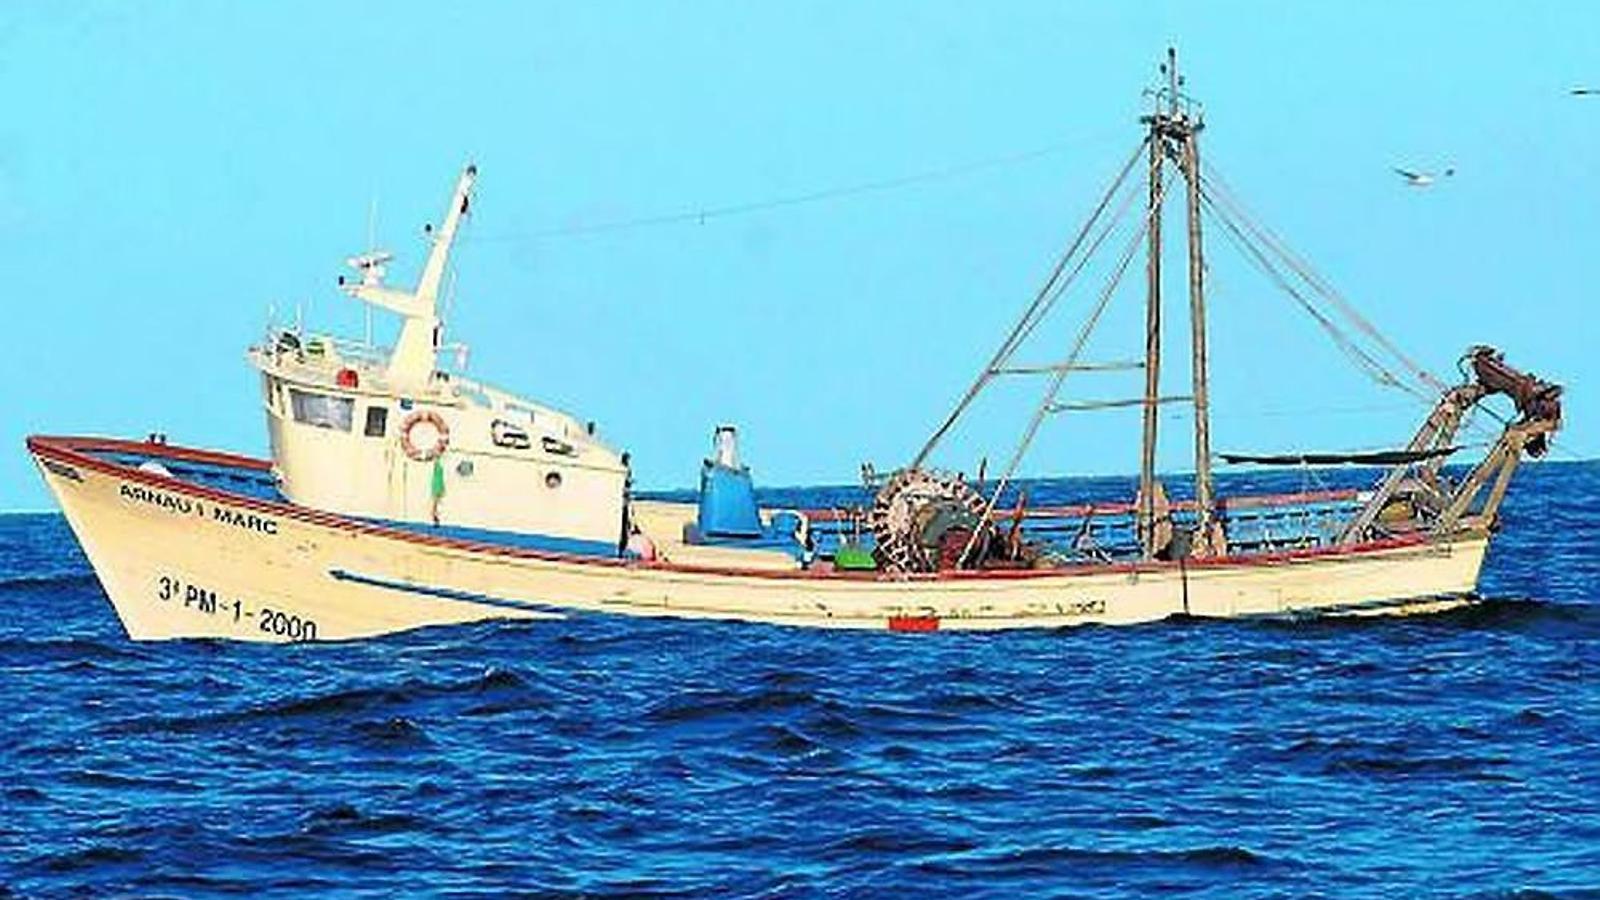 Les principals captures de peixos són la sardina, el gerret, la xucla i l'aladroc, seguits de les rajades i el lluç. El crustaci més capturat és la gamba vermella. A la imatge, pescadors amb una llagosta.